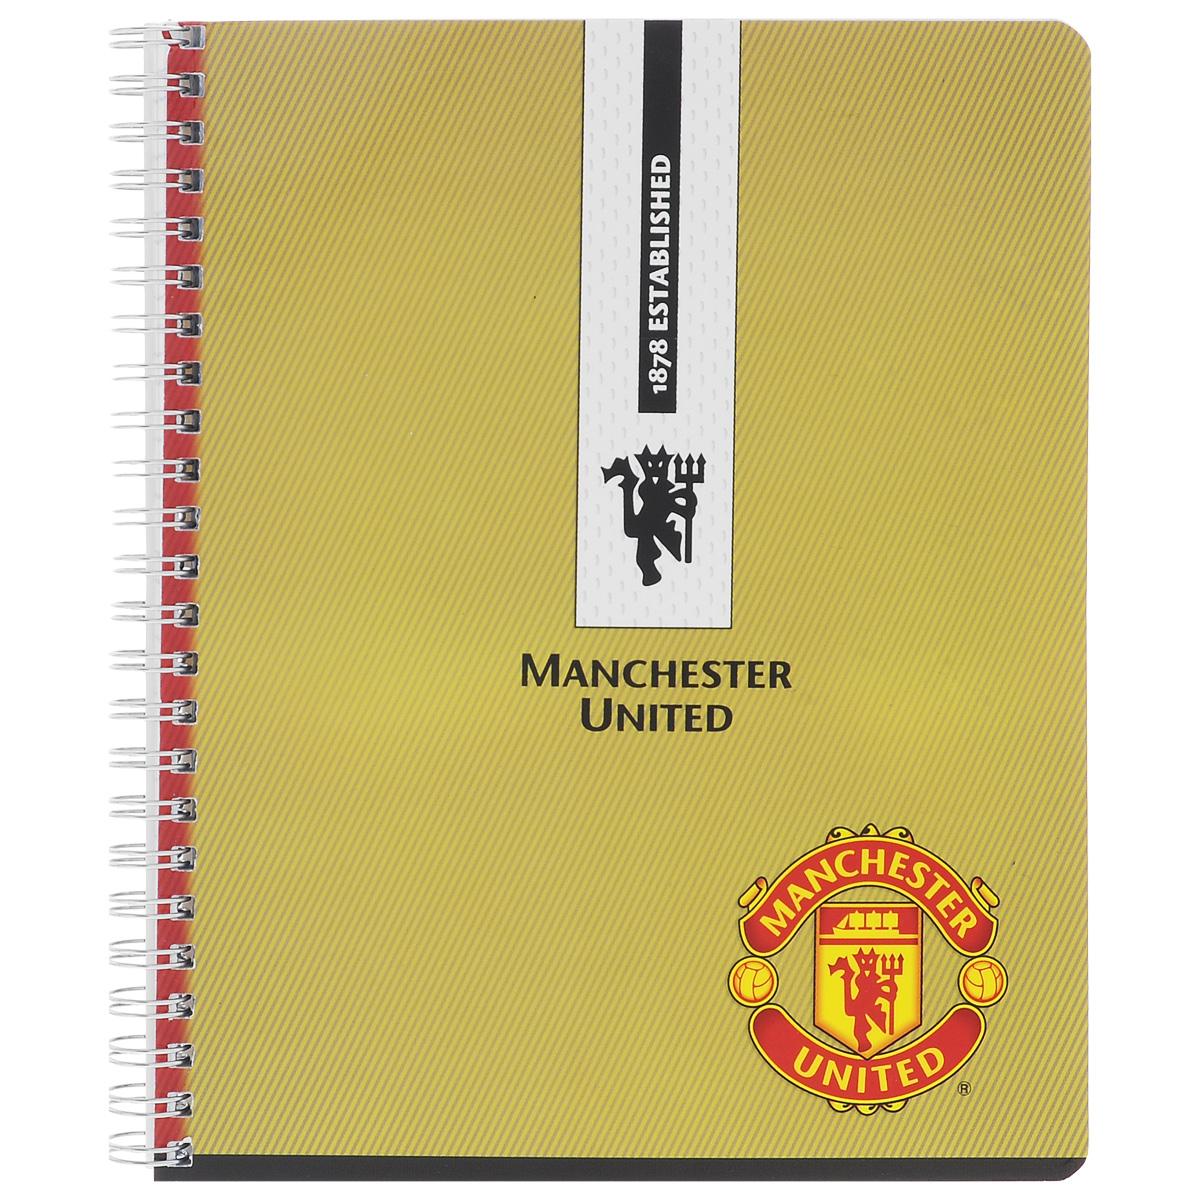 Тетрадь в клетку Manchester United, цвет: горчичный, 96 листов. MT6/3MT6/3_горчичныйТетрадь Manchester United подойдет для любых работ и студенту, и школьнику. Гладкая обложка тетради с логотипом Manchester United выполнена из мелованного картона с закругленными углами. Внутренний блок тетради соединен металлической пружиной и состоит из 96 листов высококачественной бумаги повышенной белизны.